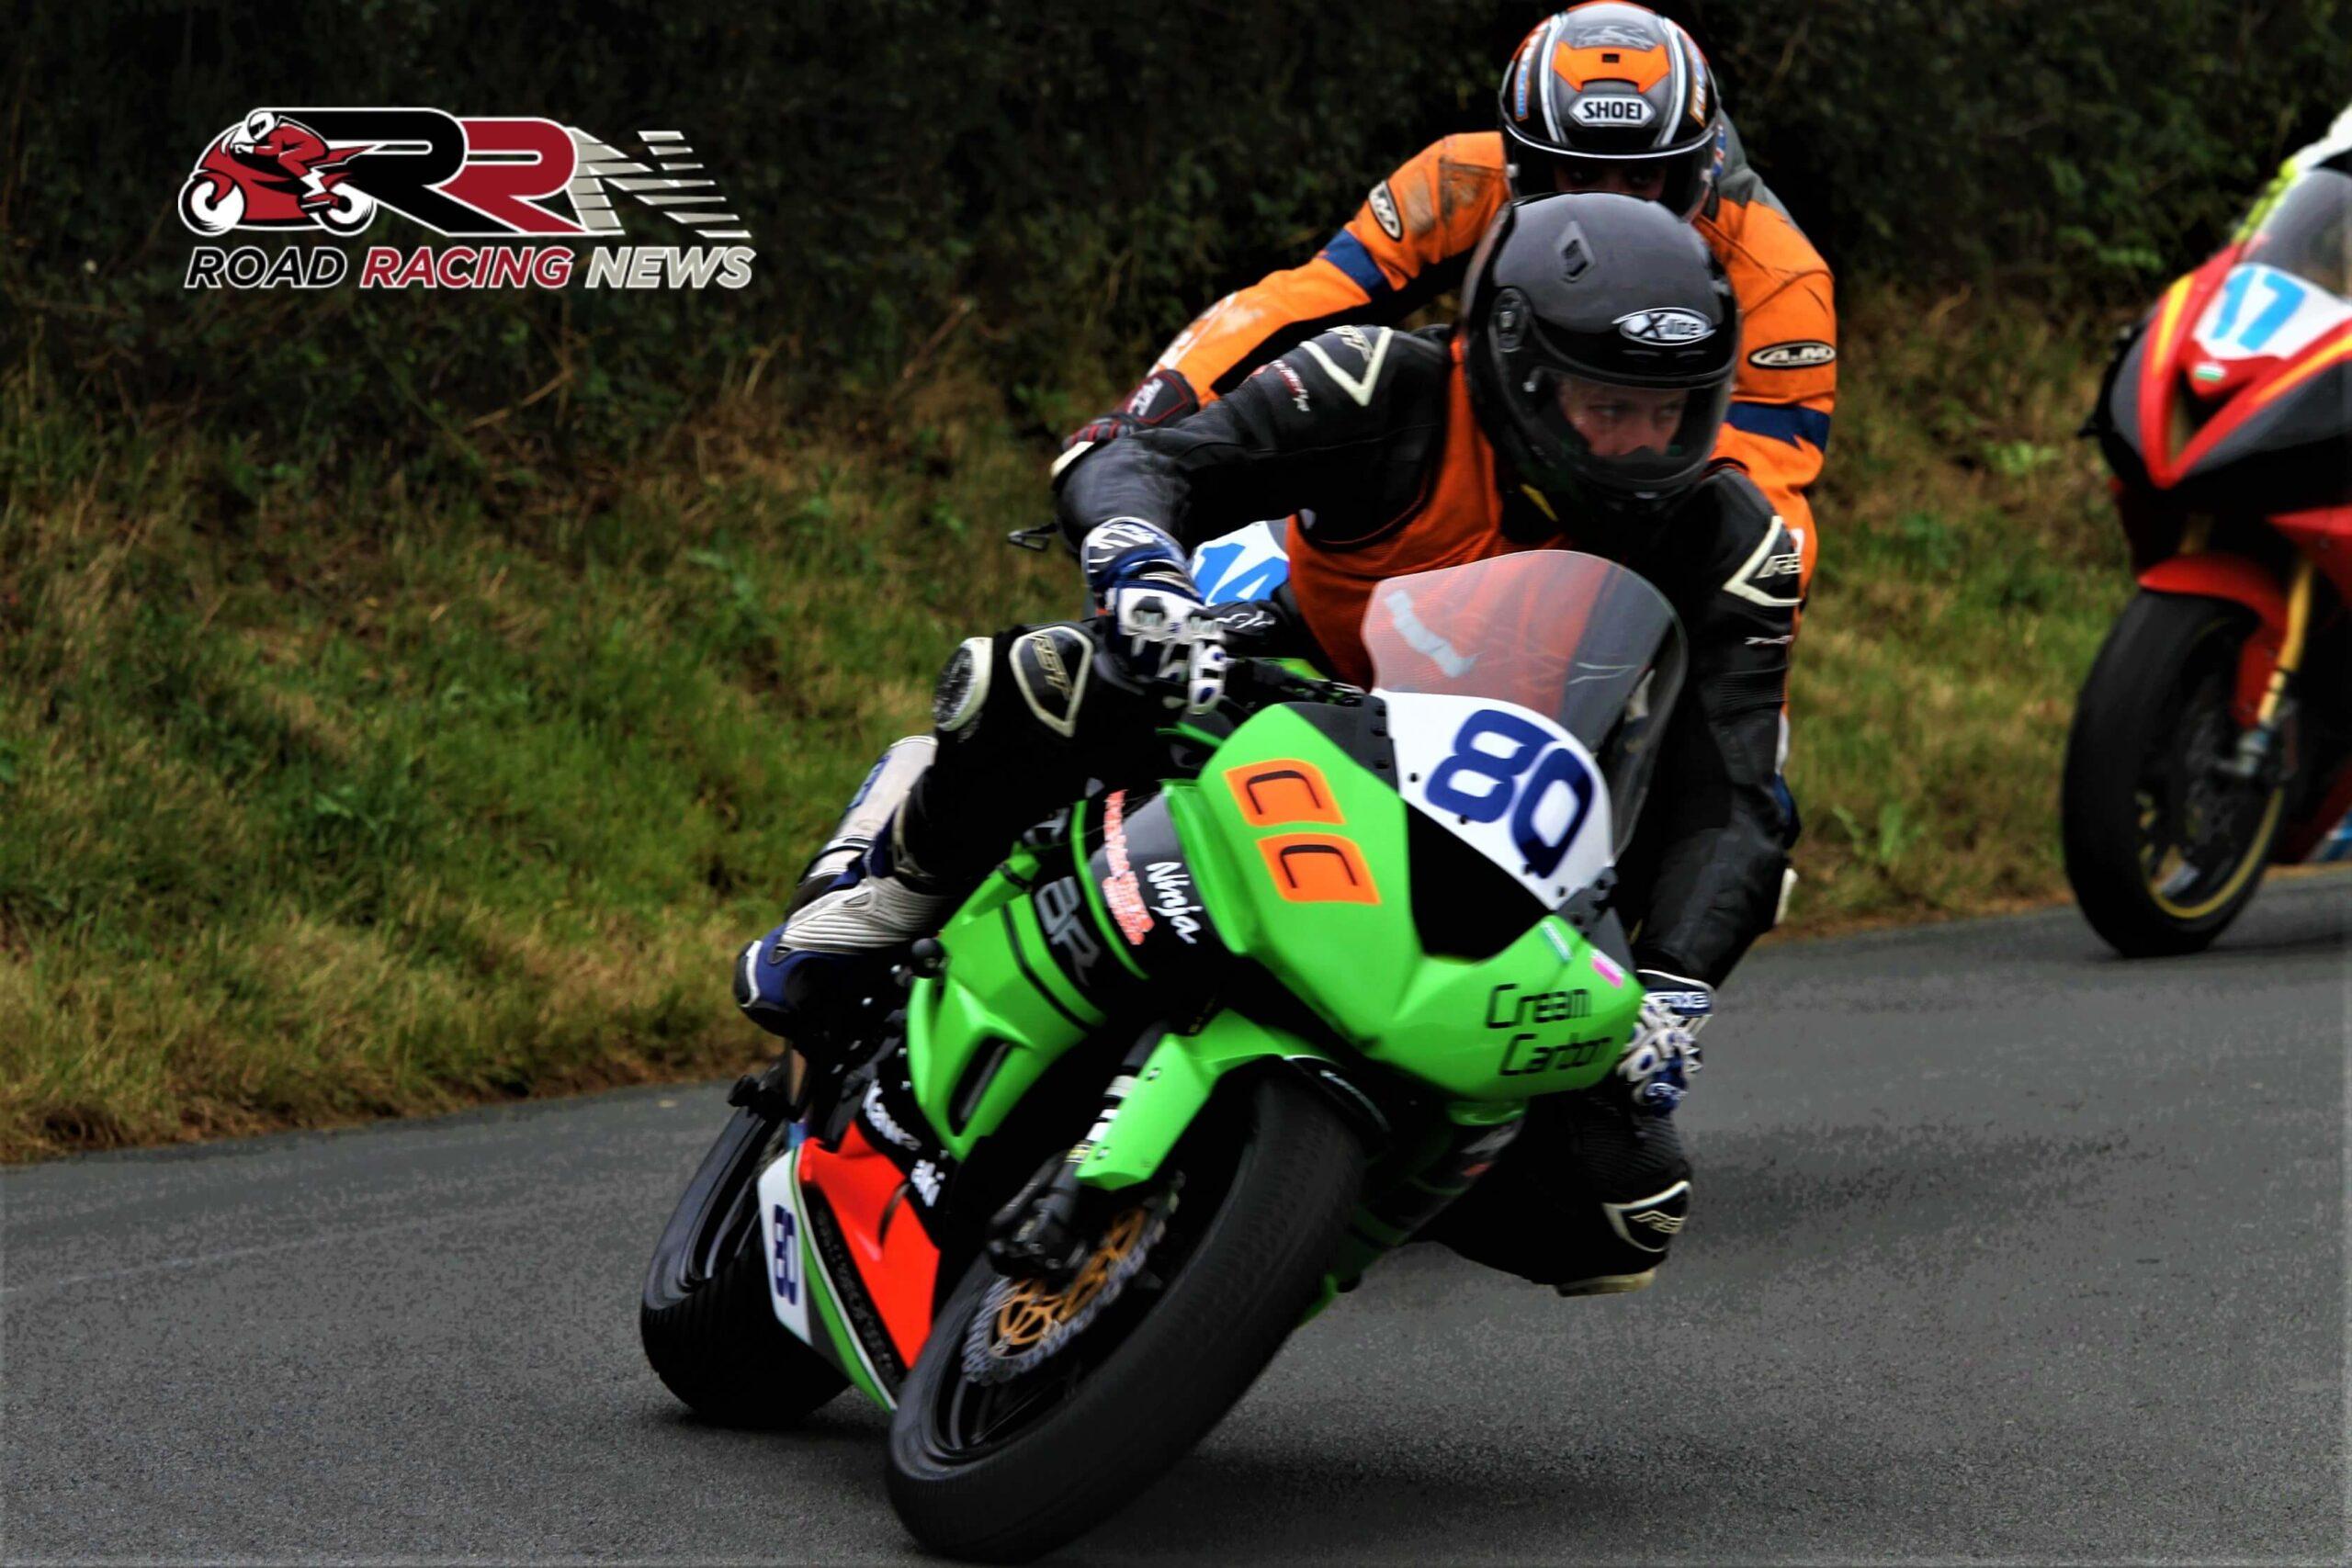 Road Racer's Adventures: Moore, Jackson Star At Darley Moor